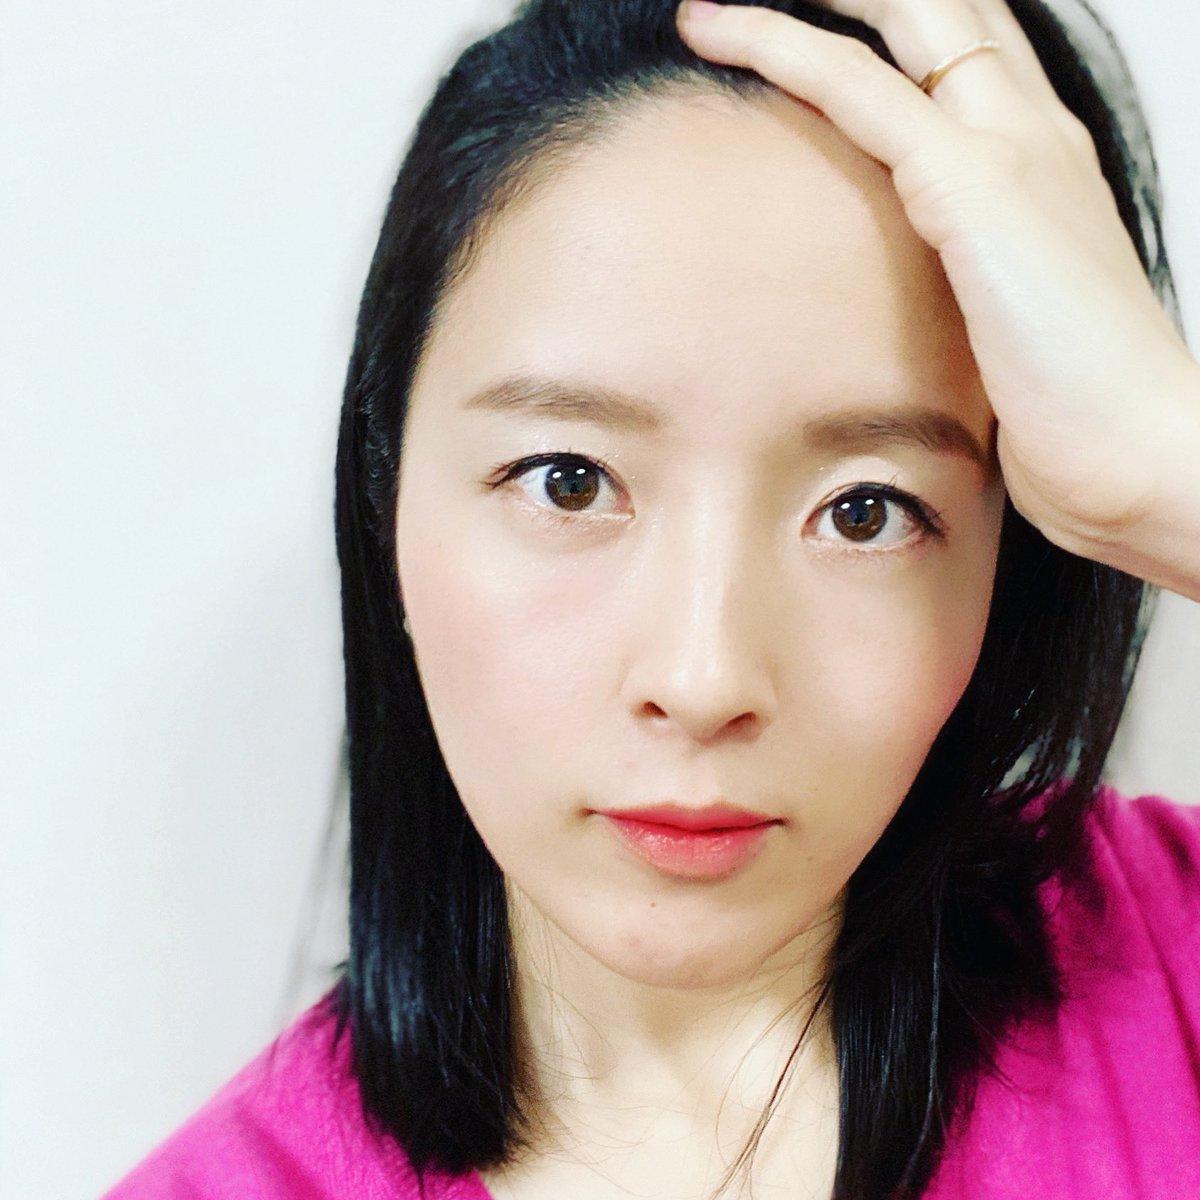 潜在 意識 コーチング honami 潜在意識コーチングHonami - YouTube